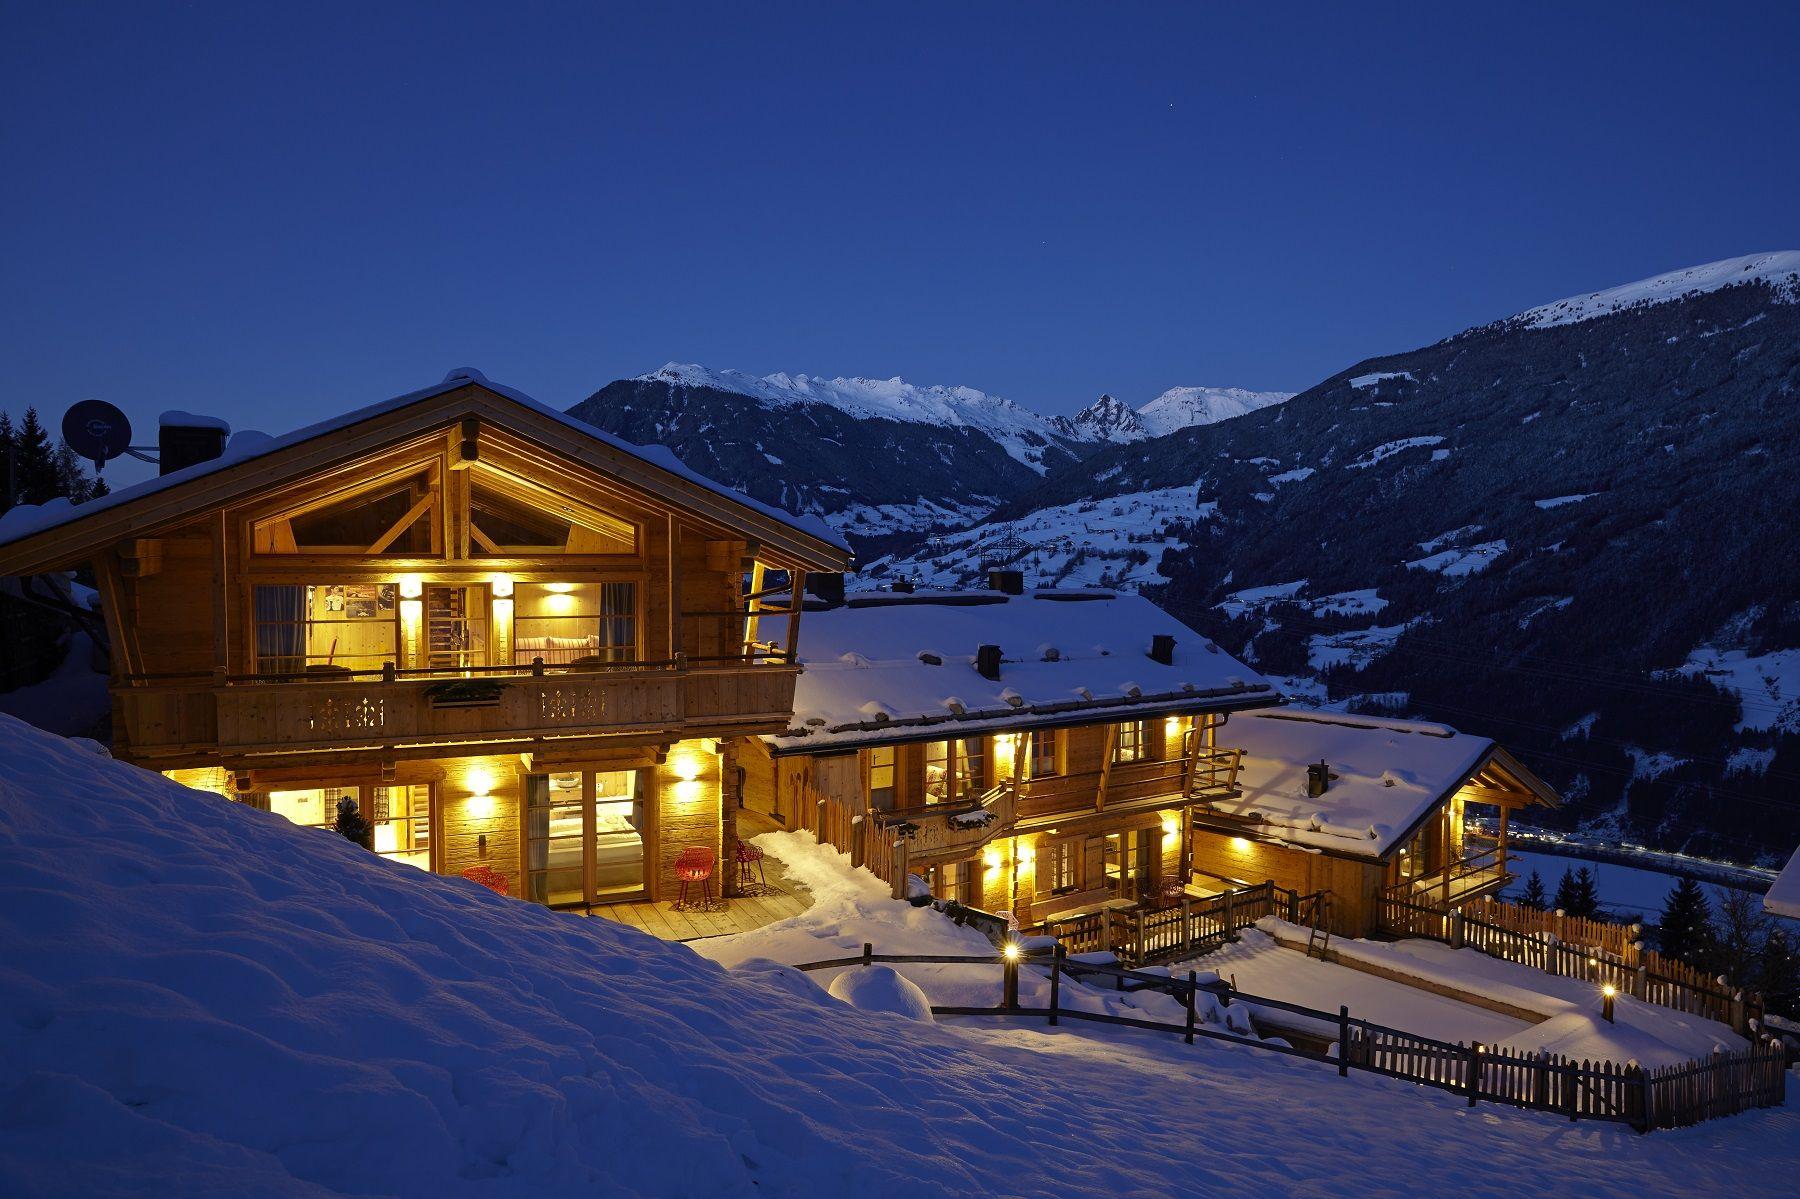 HochLeger Chalets Luxus Ferienwohnung im Zillertal Tirol –sterreich